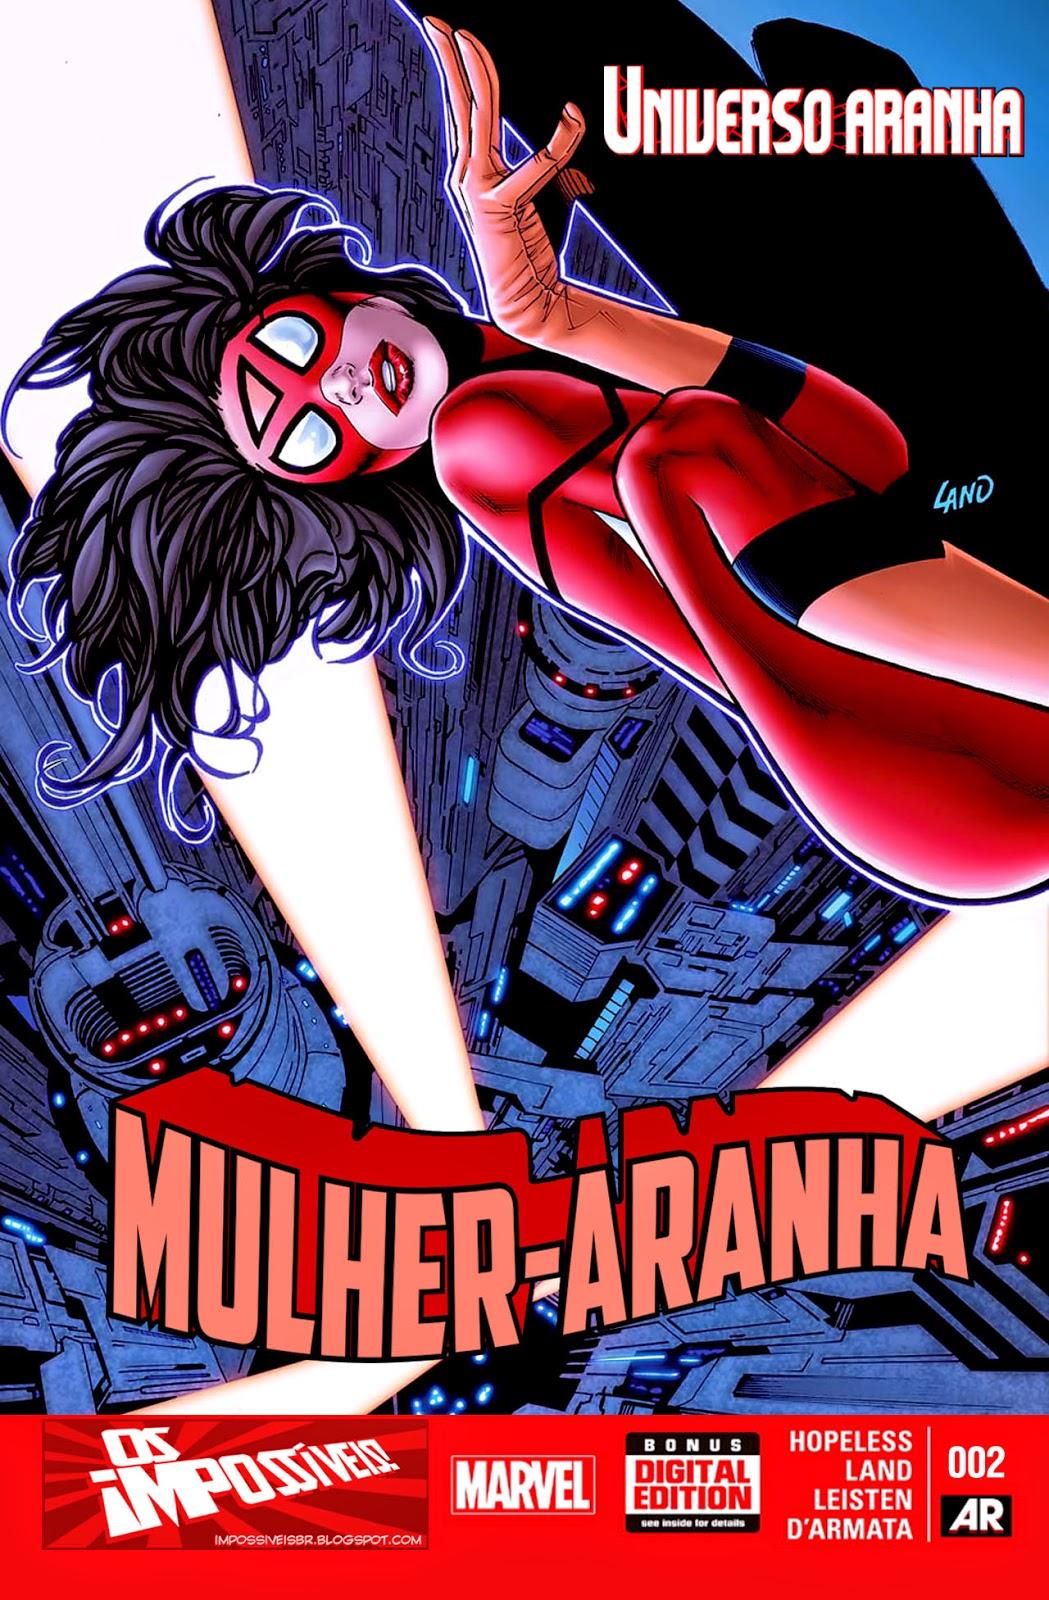 Mulher-Aranha #2